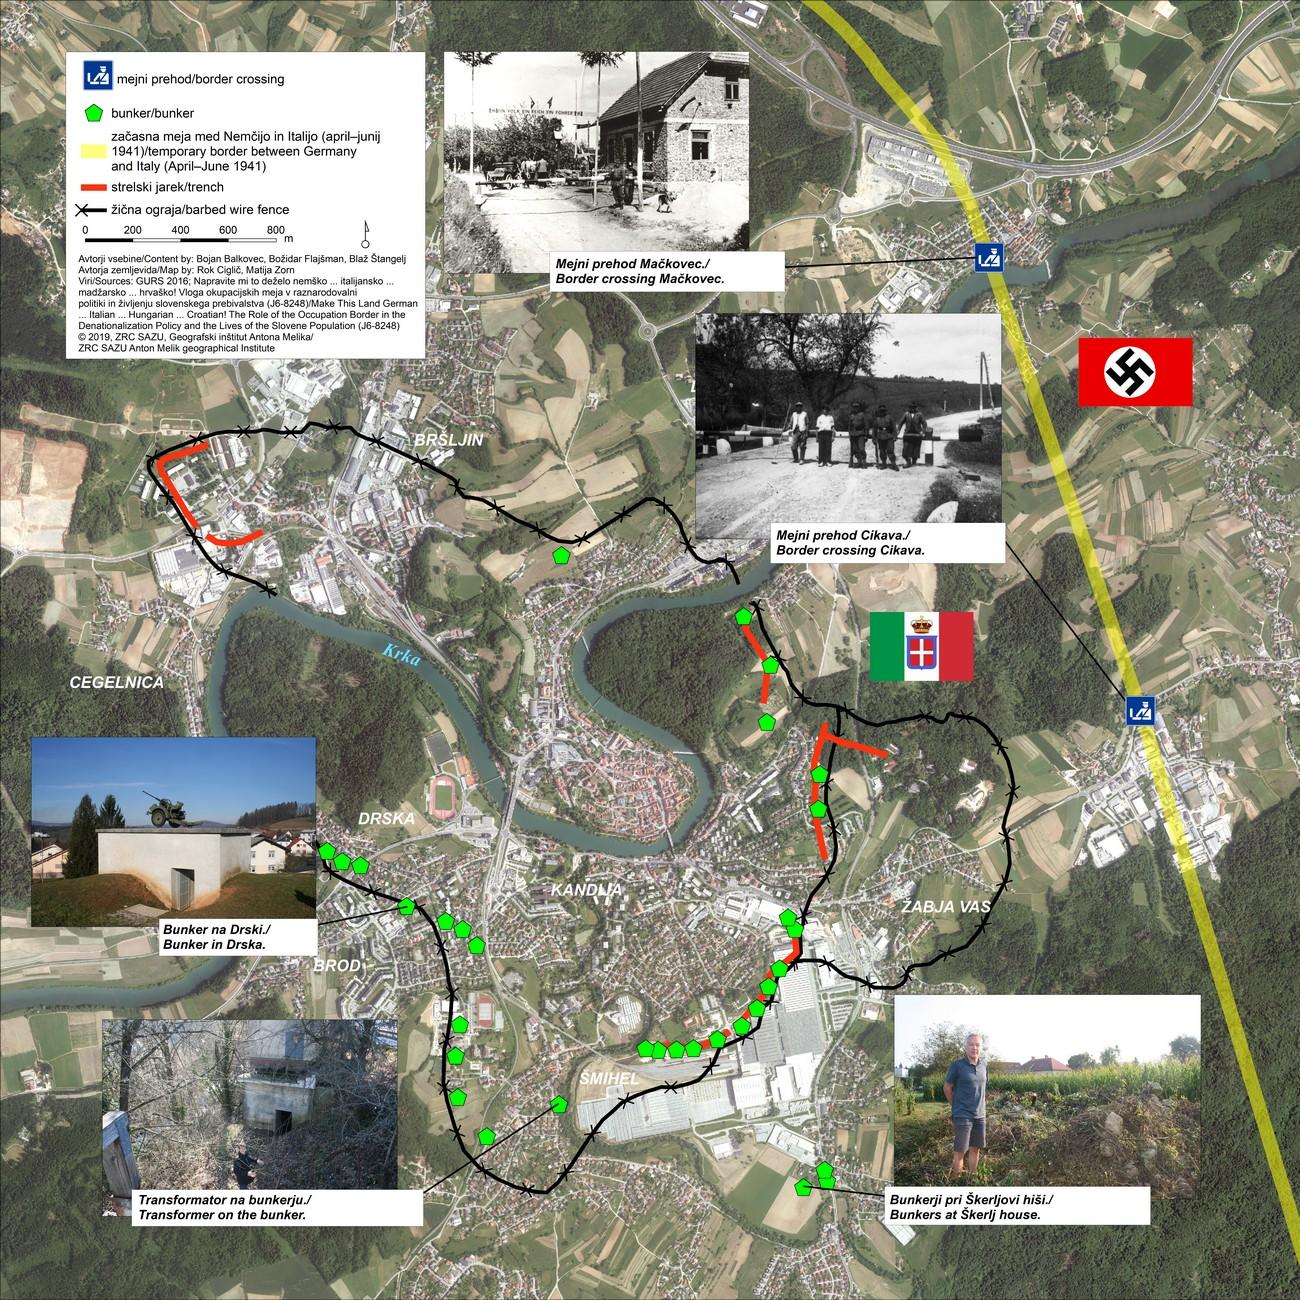 Novo mesto je bilo med vojno obdano z žico in številnimi bunkerji ter utrjenimi strelskimi položaji. Na zemljevidu je približen potek žice in približen položaji bunkerjev. Osnova je bila karta, ki so jo izdelali v obveščevalnem centru XV. divizije konec leta 1944 ali v začetku leta 1945. Označen je tudi približen potek nemško-italijanske meje od aprila do junija 1941 in mejna prehoda v Mačkovcu in na Cikavi.